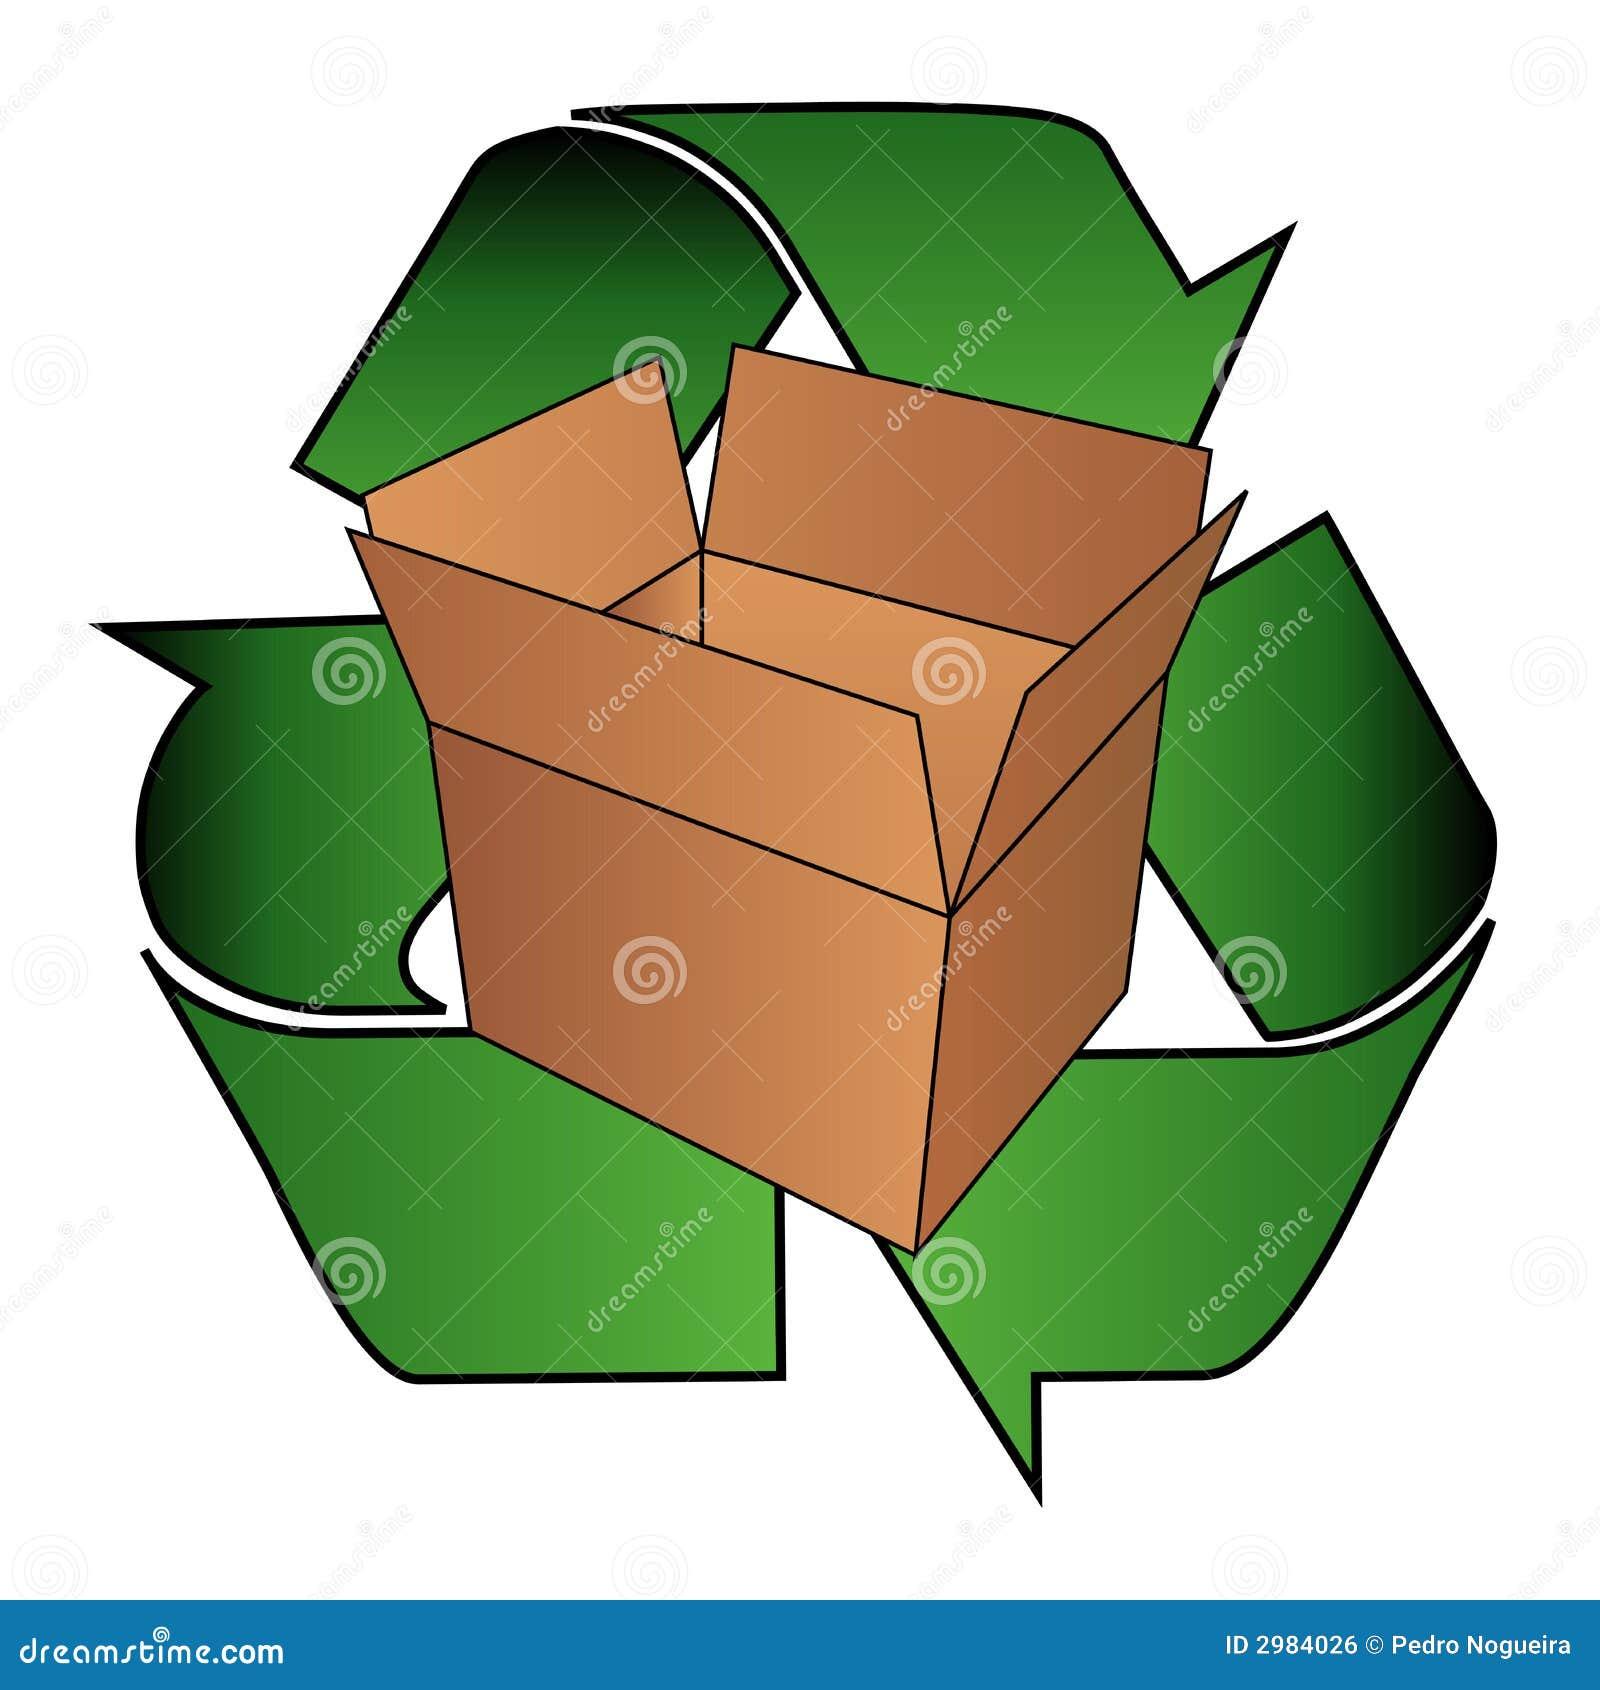 La caja de cartón recicla símbolo